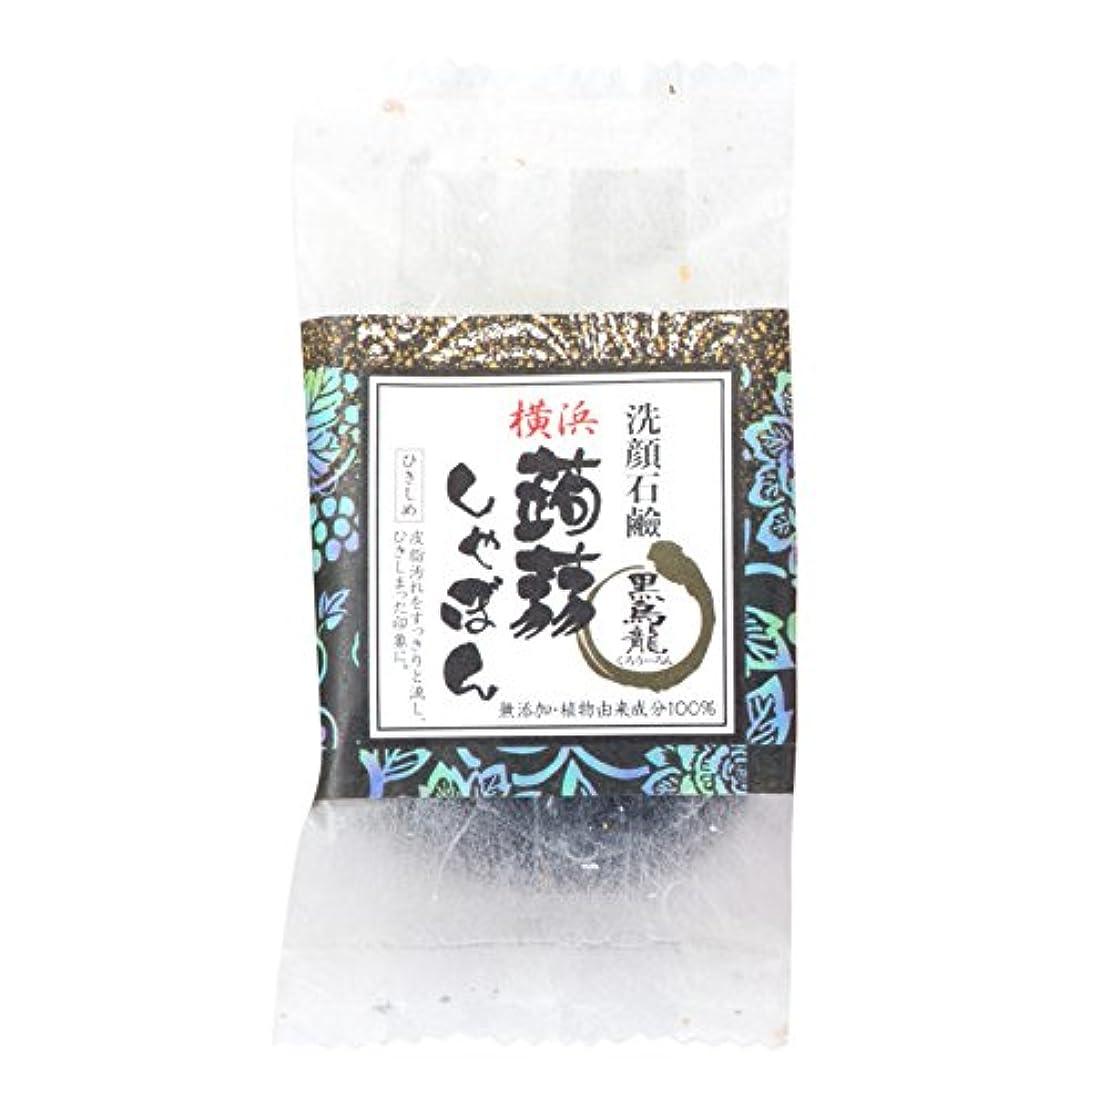 喜び閉塞道横浜蒟蒻しゃぼん横浜 黒烏龍(くろうーろん)